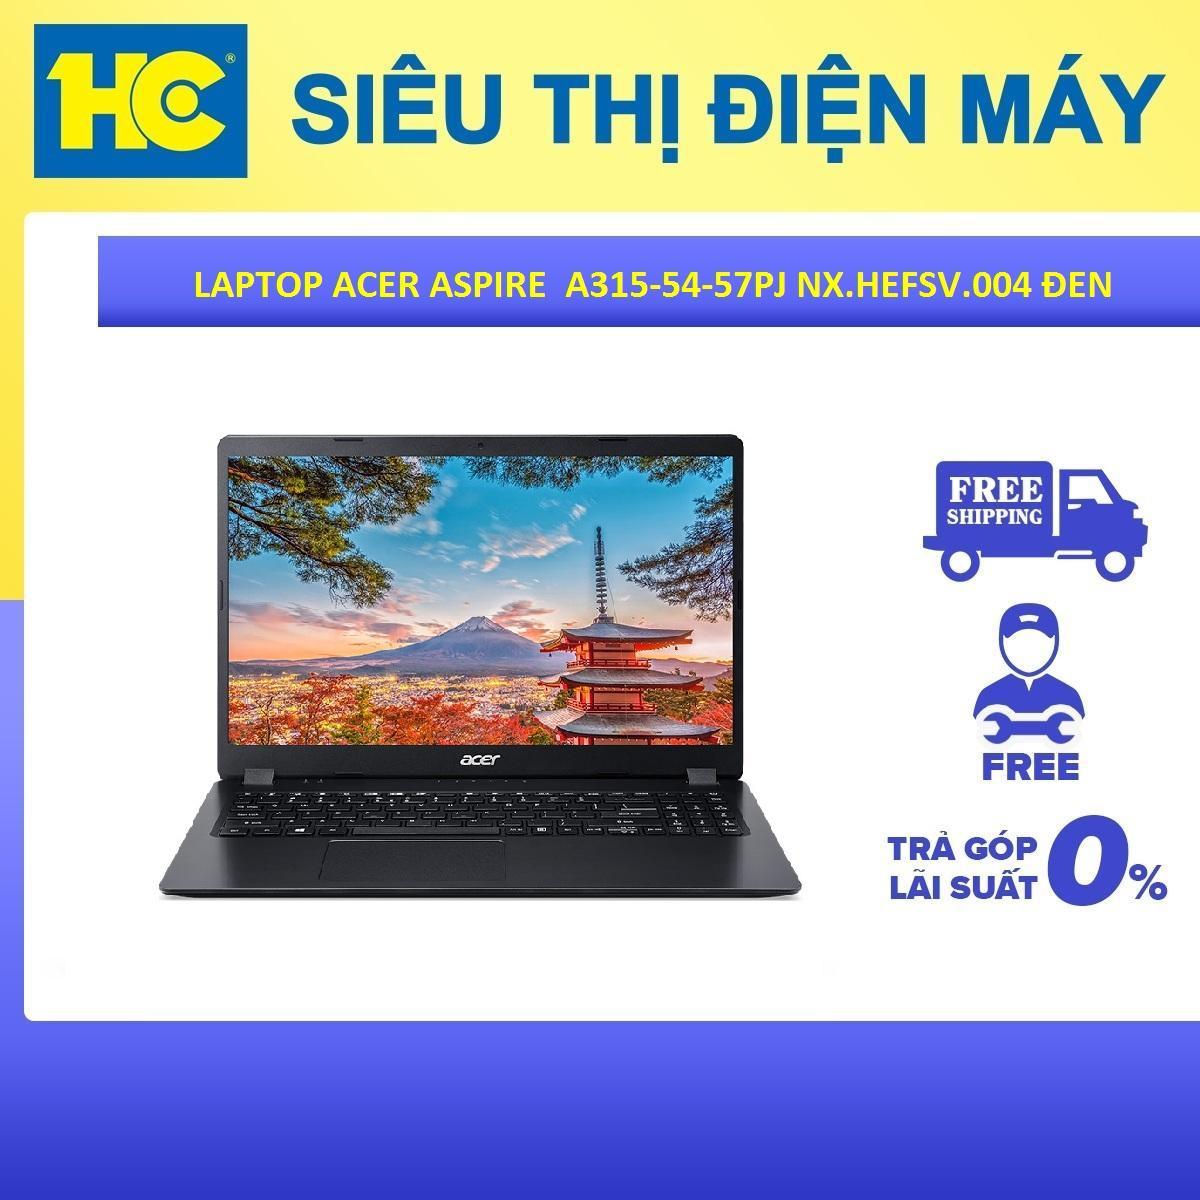 Laptop ACER Aspire A315-54-57PJ NX.HEFSV.004 i5 8265 4G 256SSD 15.6 FHD W10SL Đen